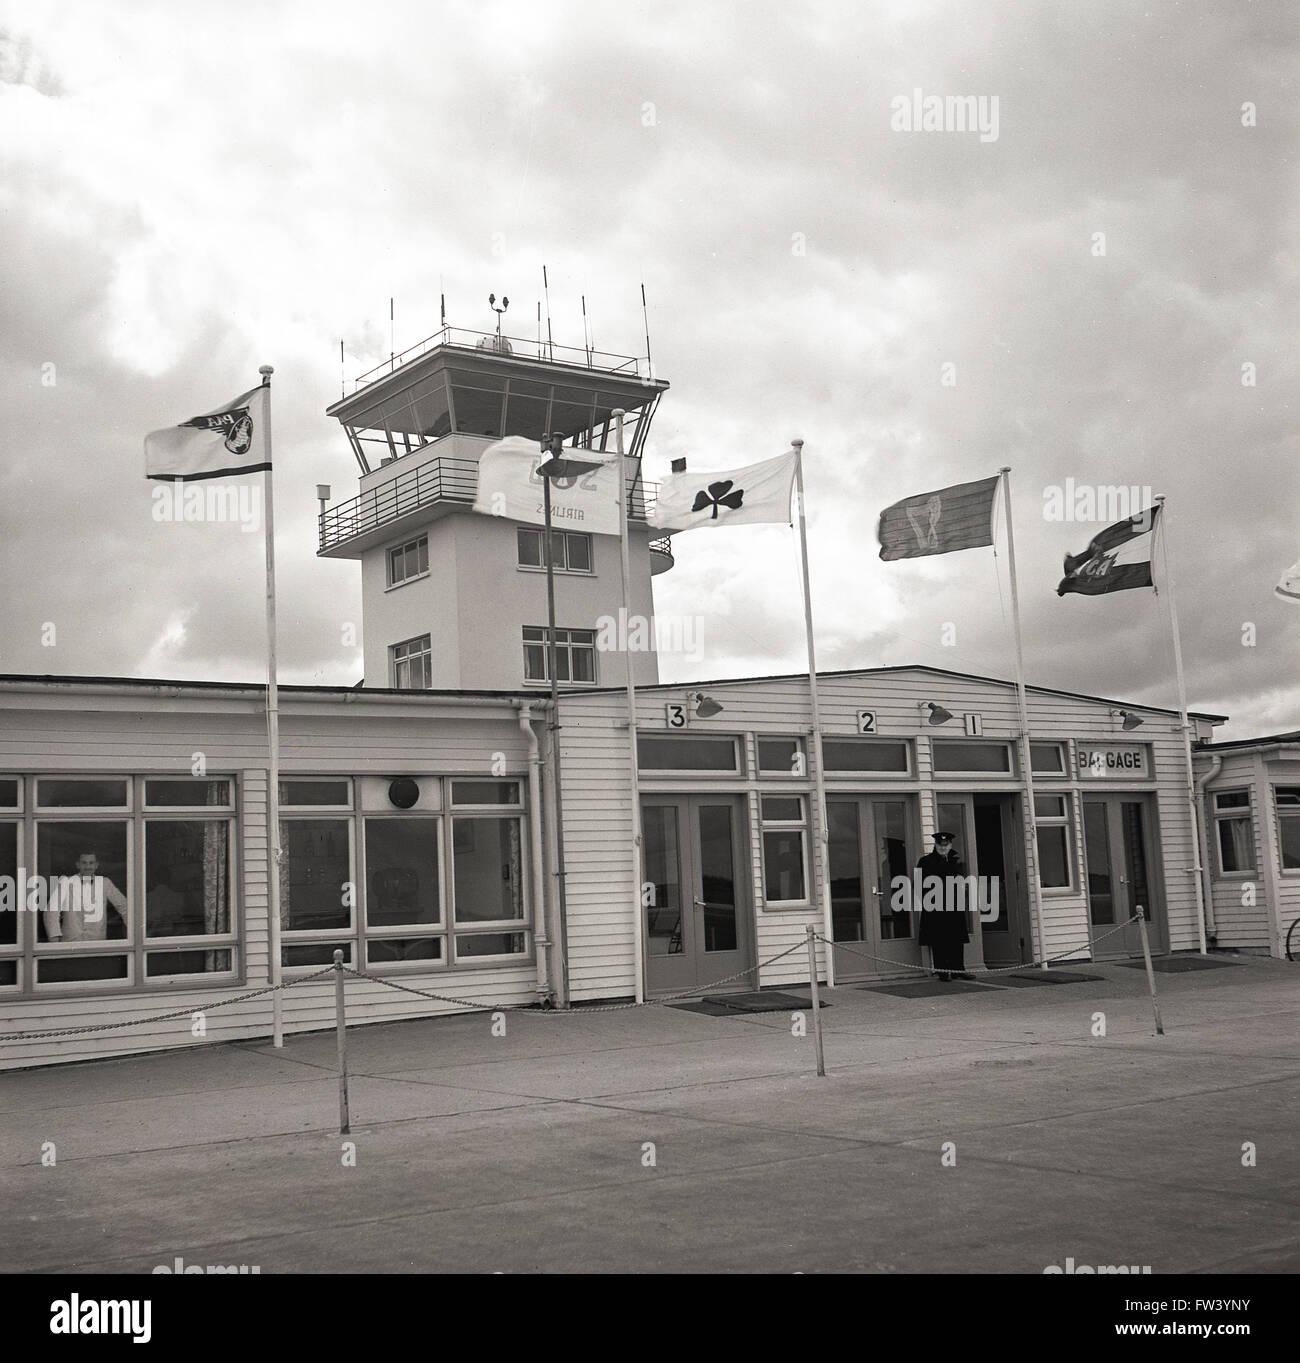 1950 histórico, Vista exterior de la primera clase de sala de embarque de pasajeros, el aeropuerto de Dublín, Imagen De Stock